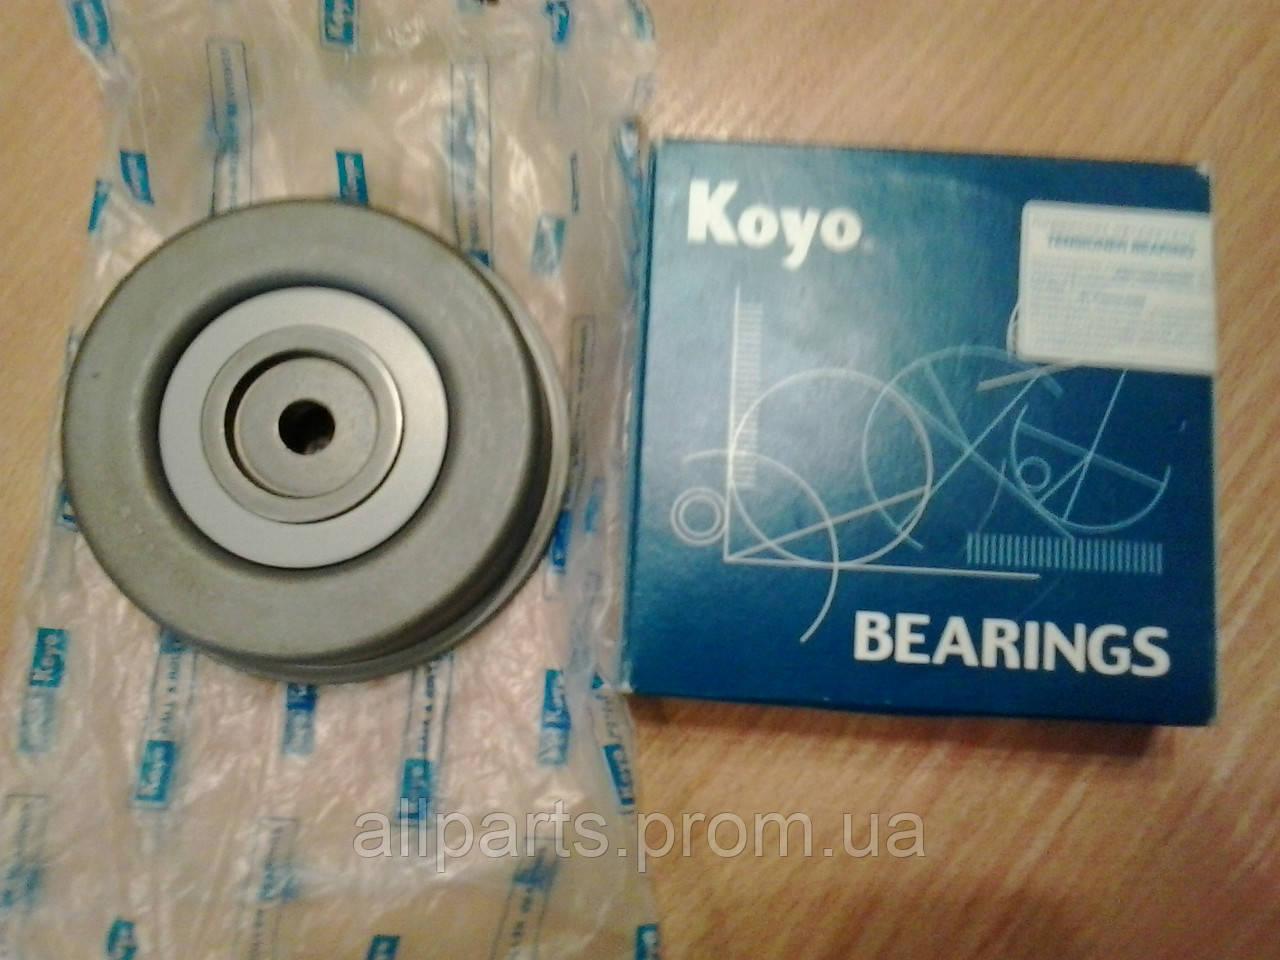 Ролик KOYO (производитель Япония) натяжной, обводной